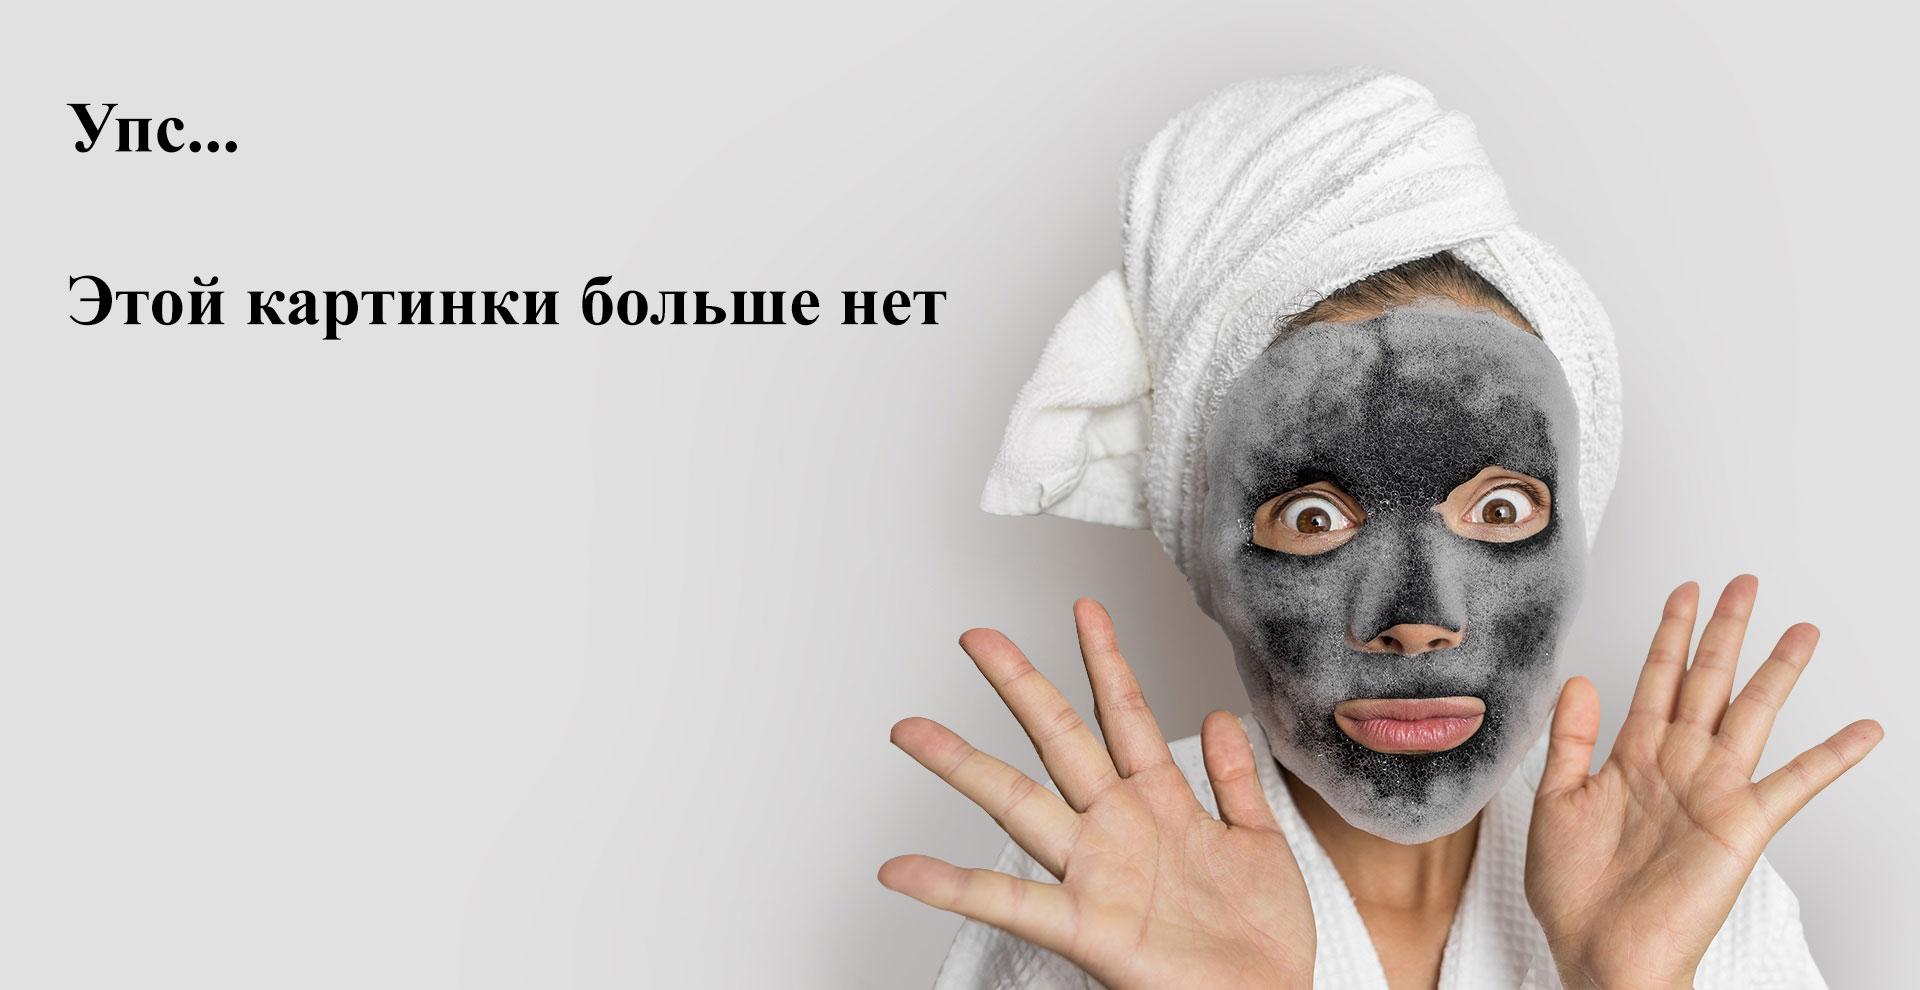 Markell, Aqua-маска для лица Skin&City «Снежный гриб», 100 мл